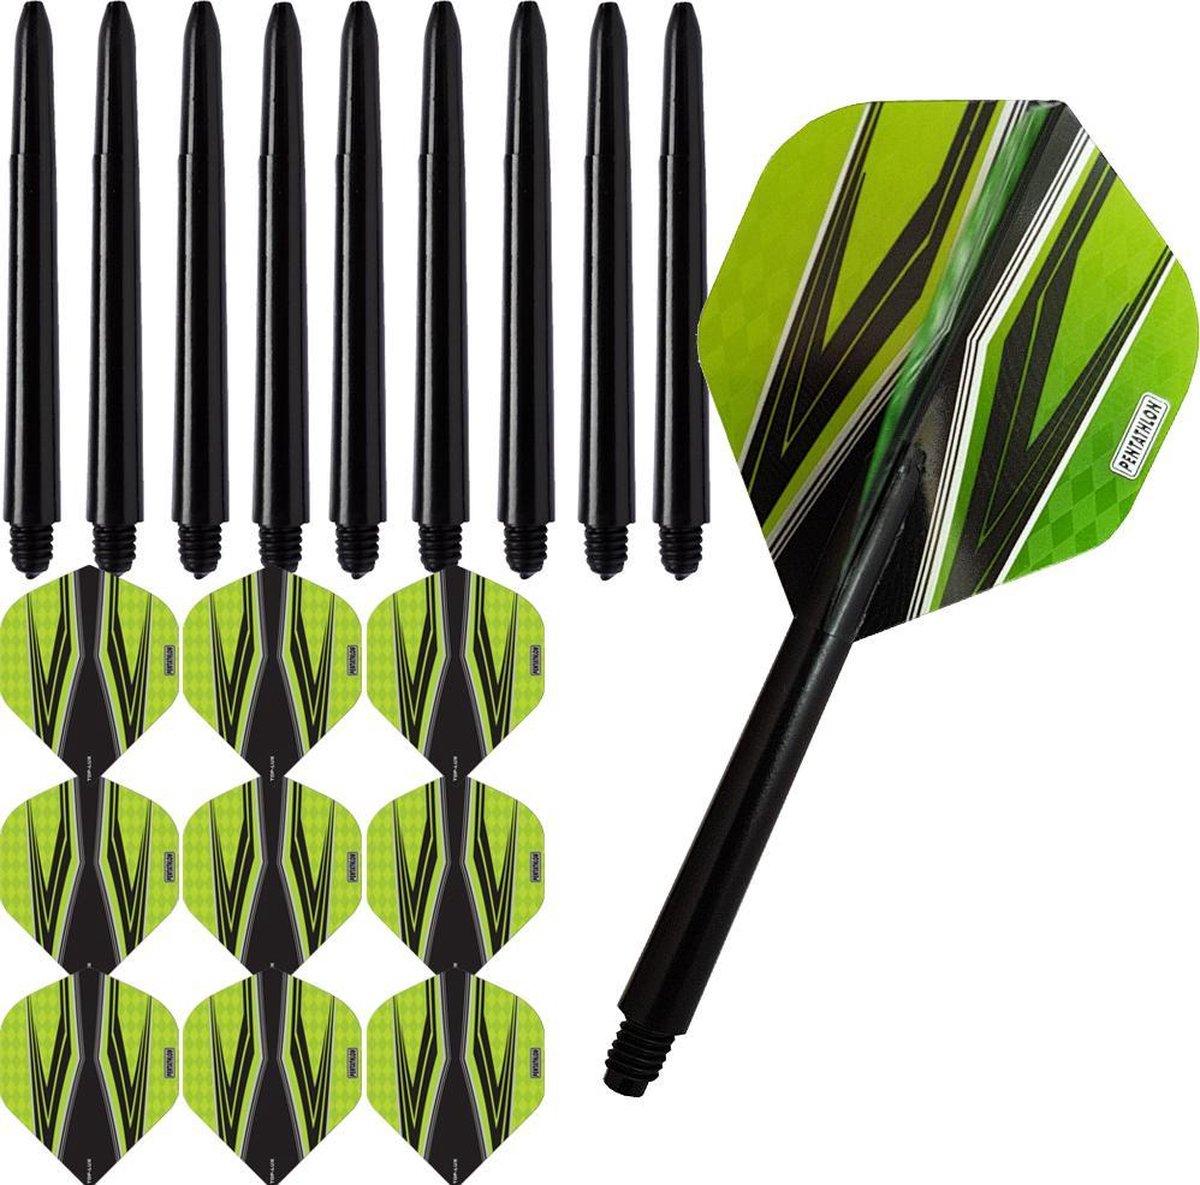 ABC Darts Flights Pentathlon - Dart flights en Medium Dart Shafts - Spitfire zwart groen - 3 sets